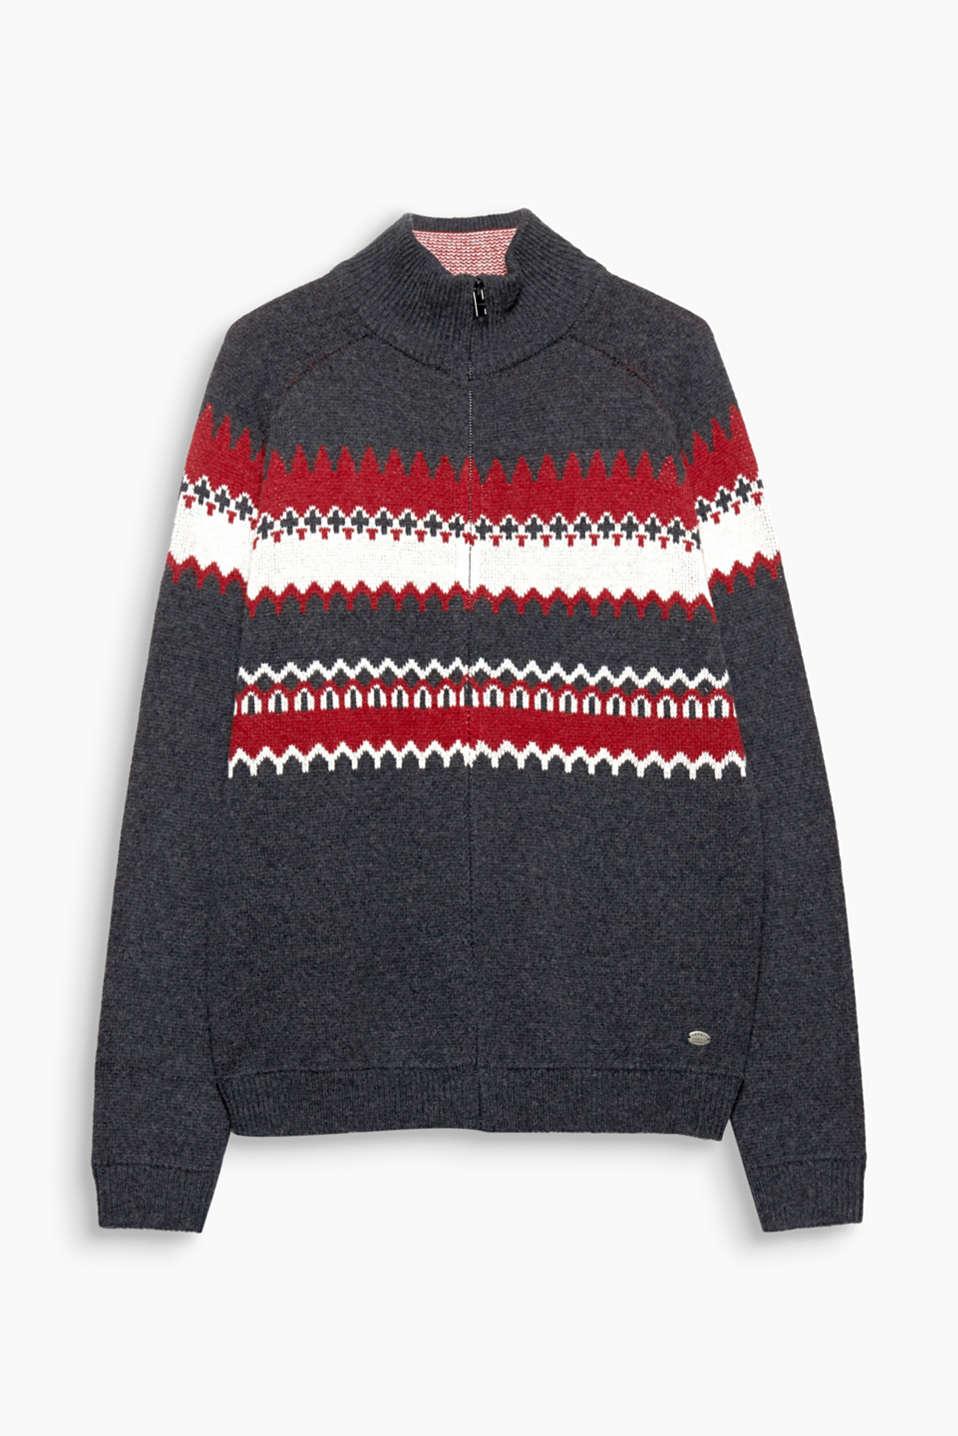 Esprit cardigan en jacquard teneur en laine acheter - Acheter laine xxl ...